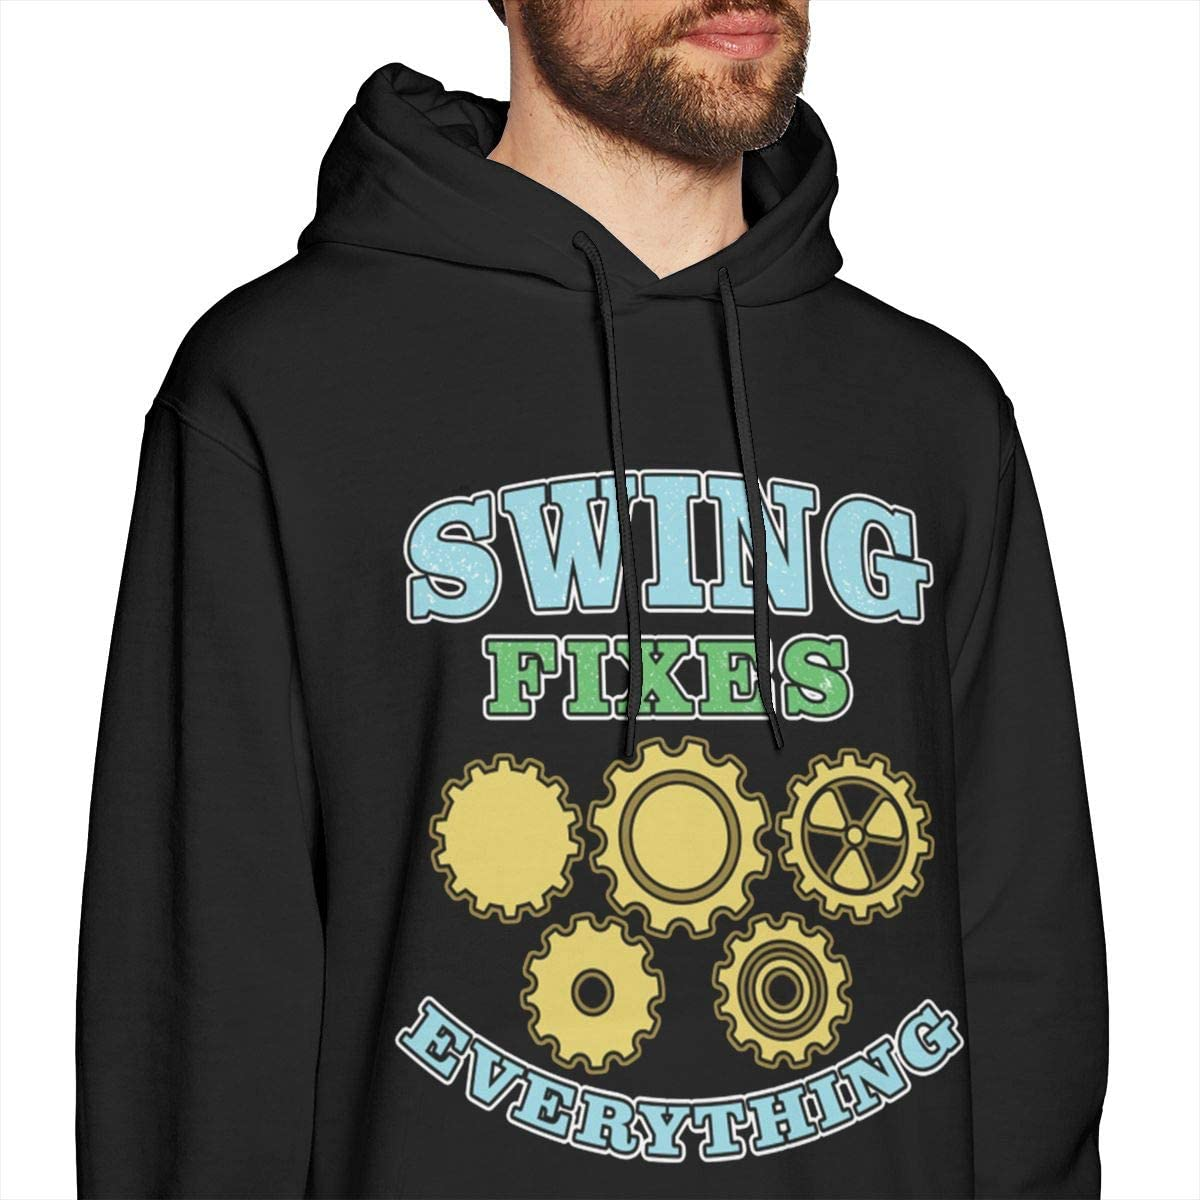 Swing Fixes Everything Engineer Mens Pullover Hoodies Casual Hooded Sweatshirt